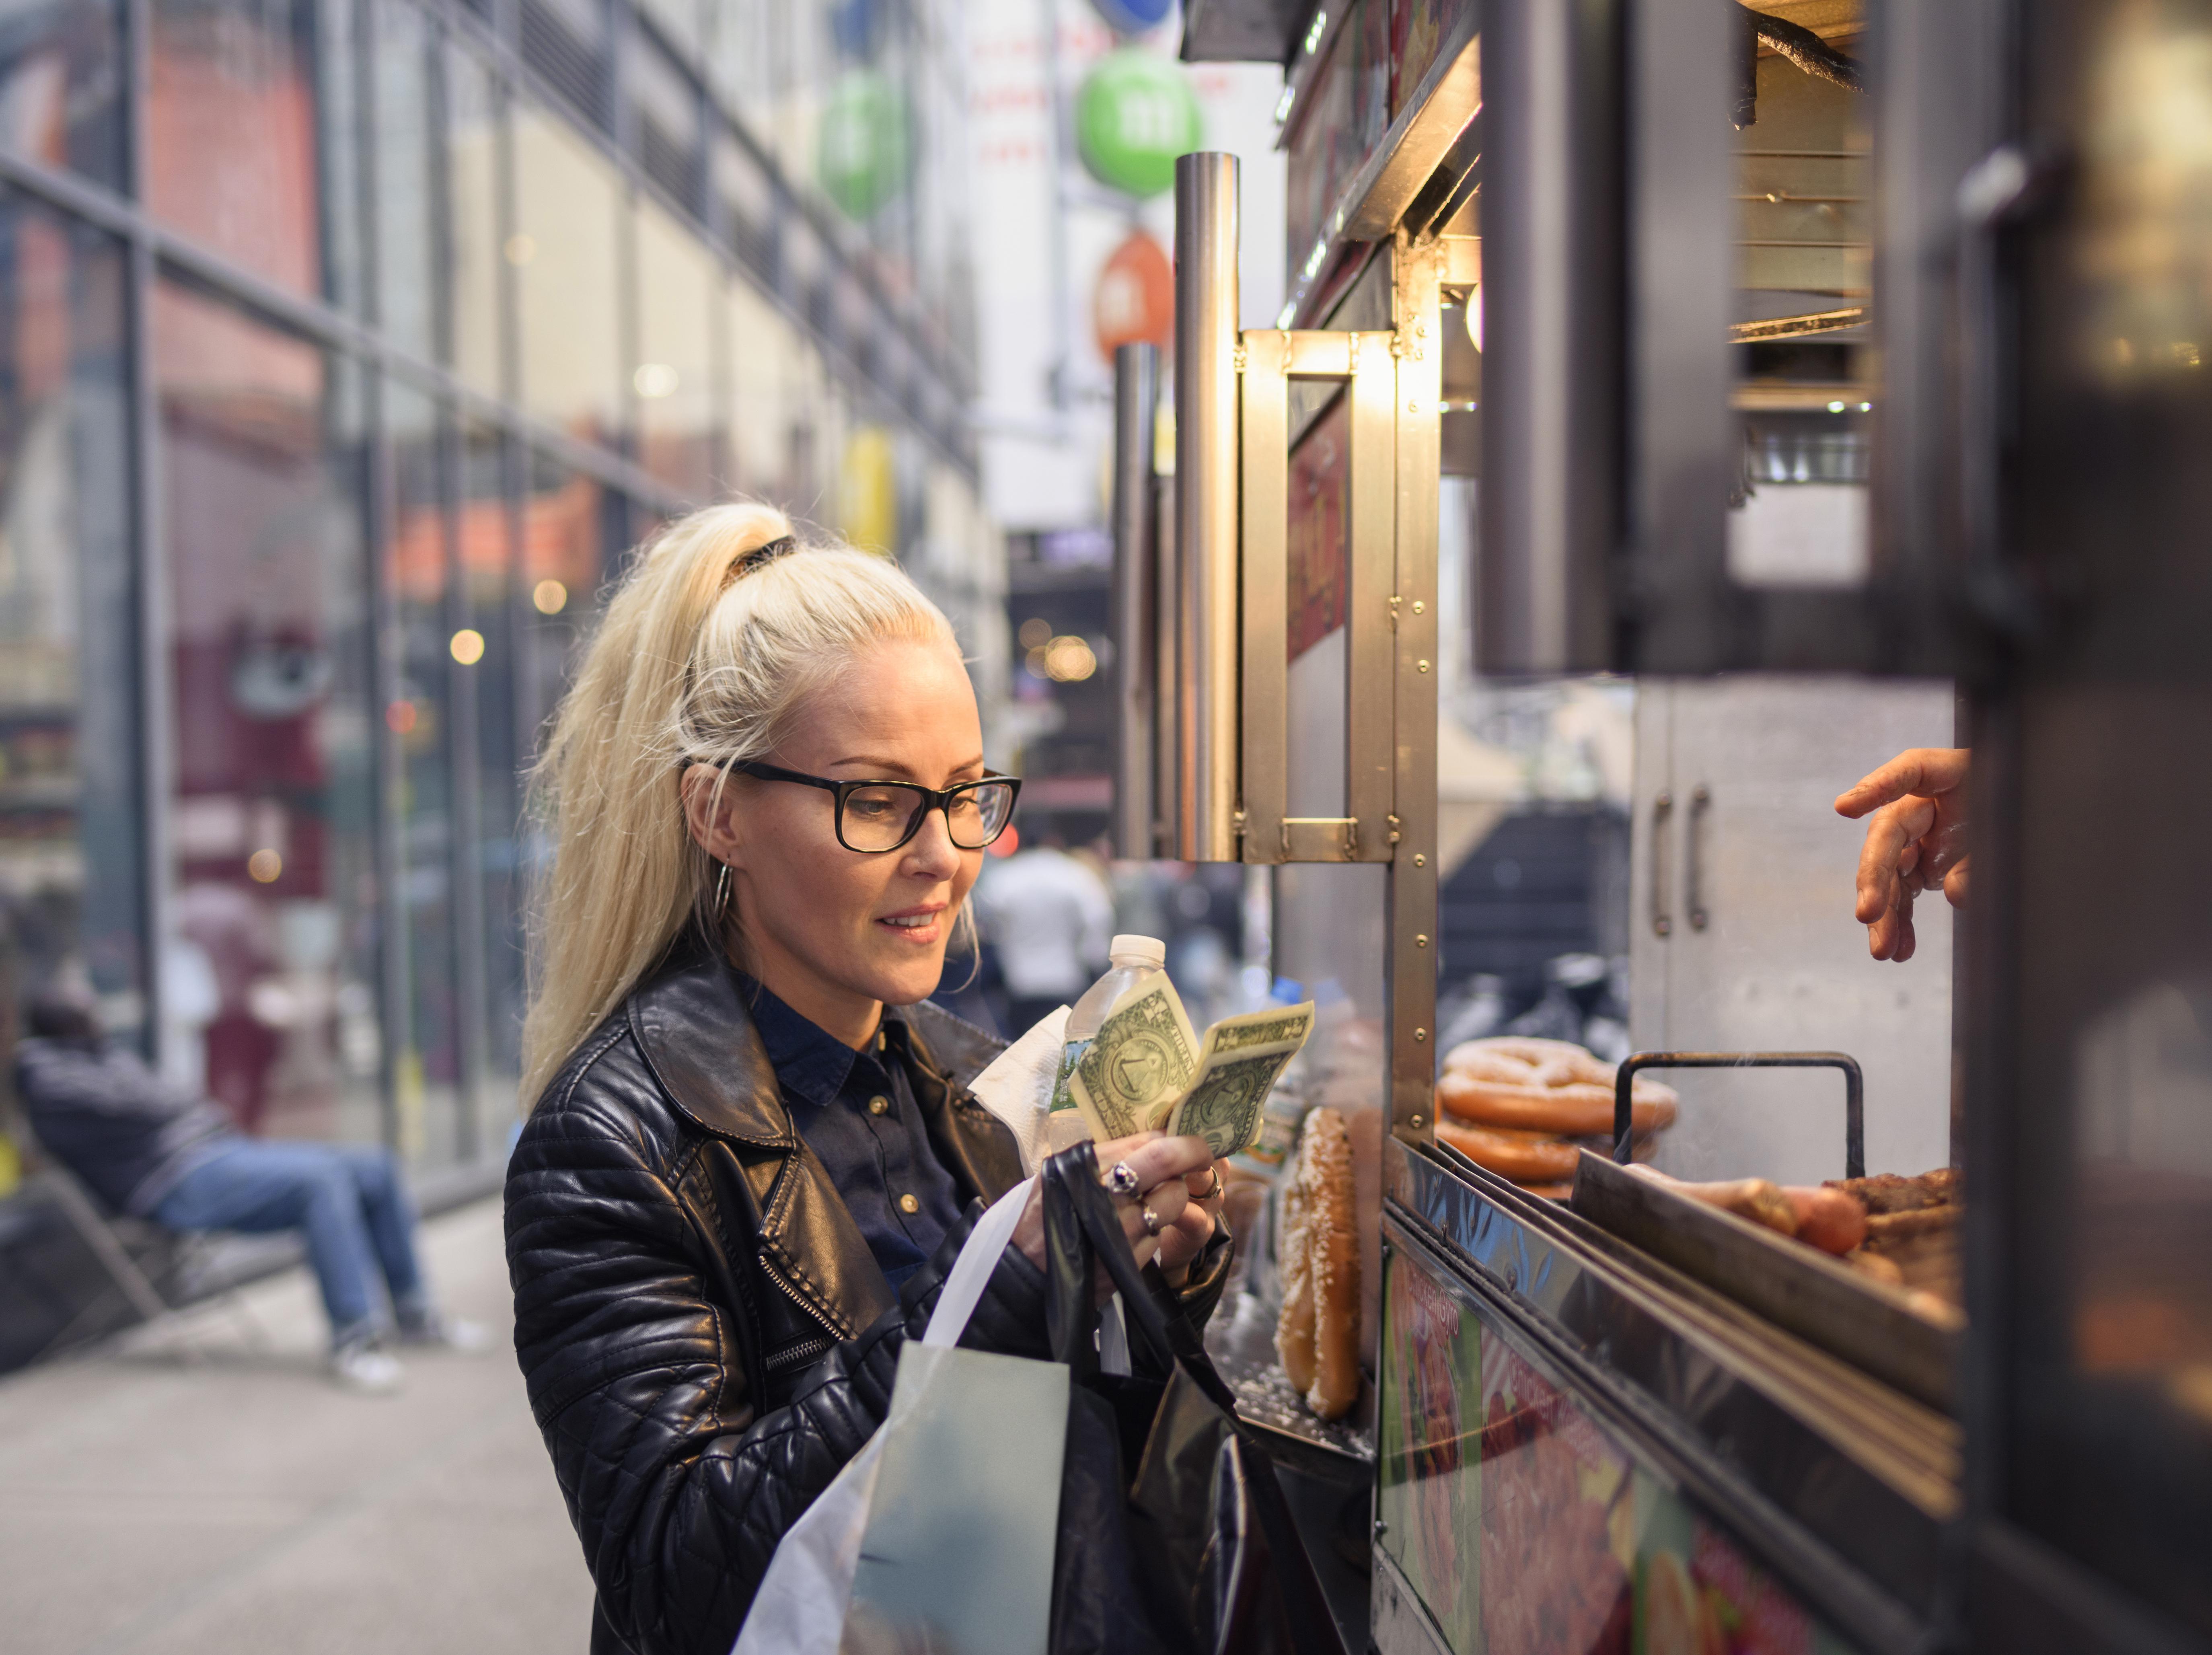 buying hotdog in New York